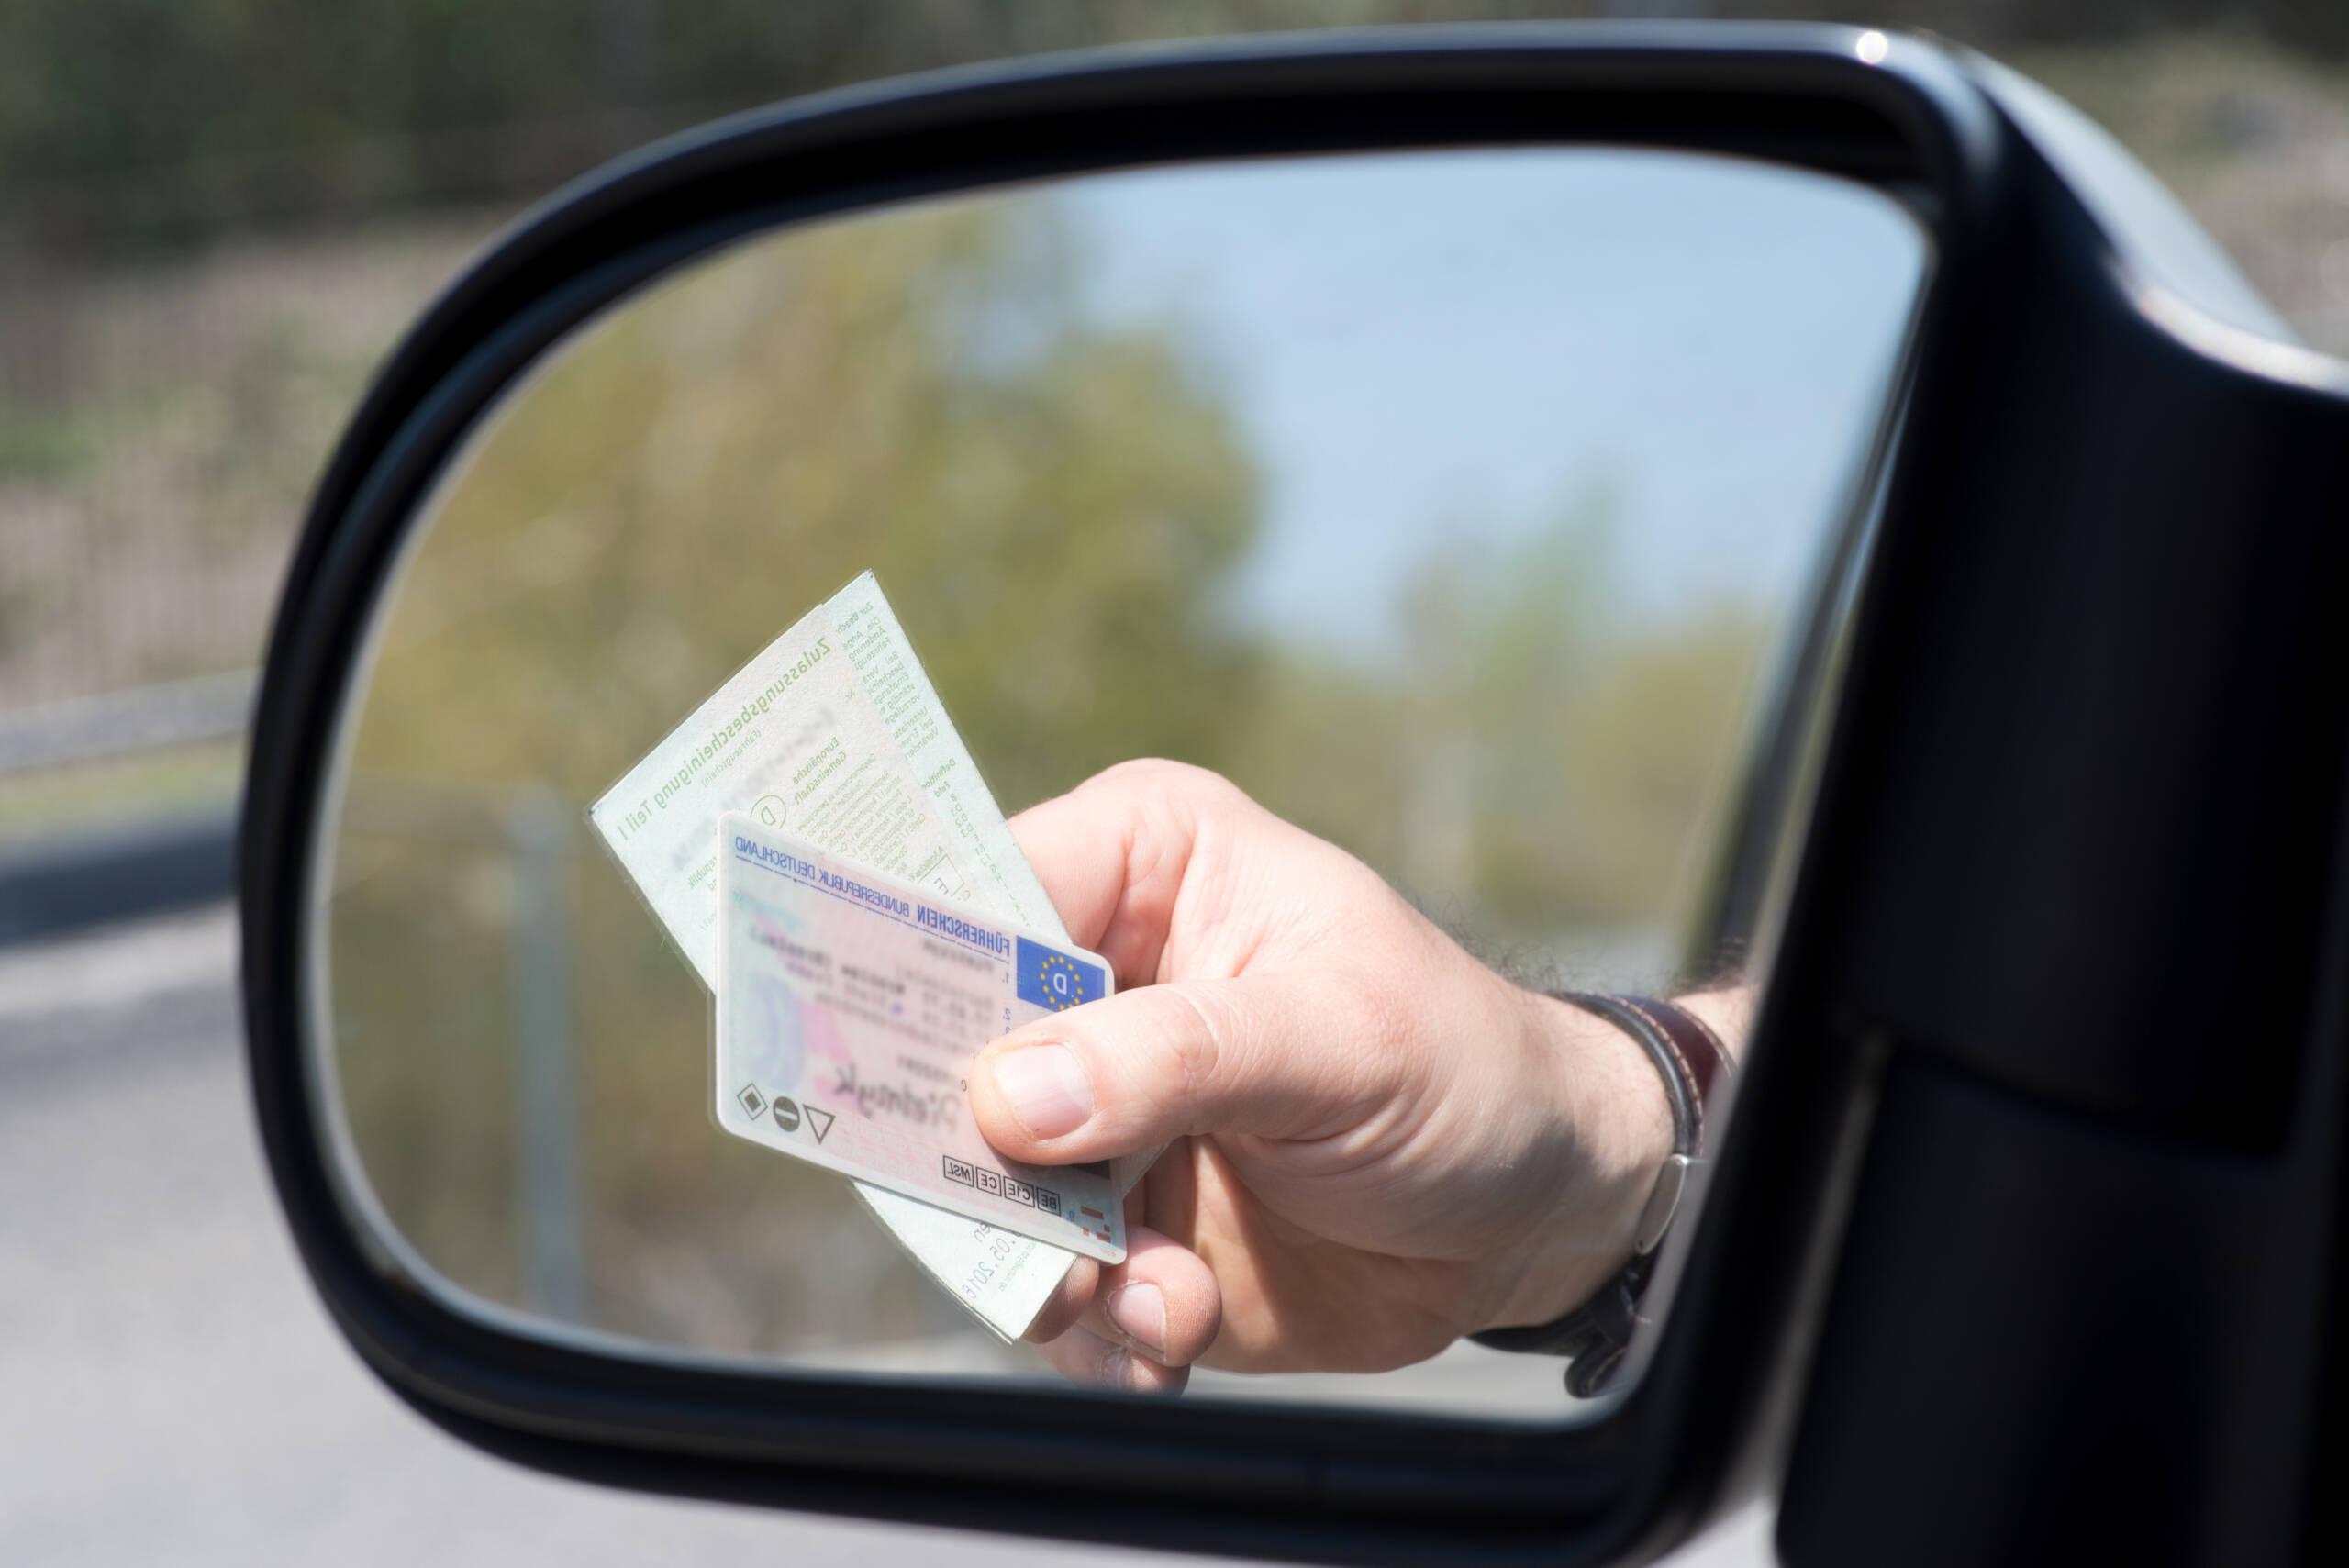 Coronavirus, scadenza patenti e fogli rosa prorogata al 30 aprile 2021: in Sicilia pagamento bollo auto fino a dicembre